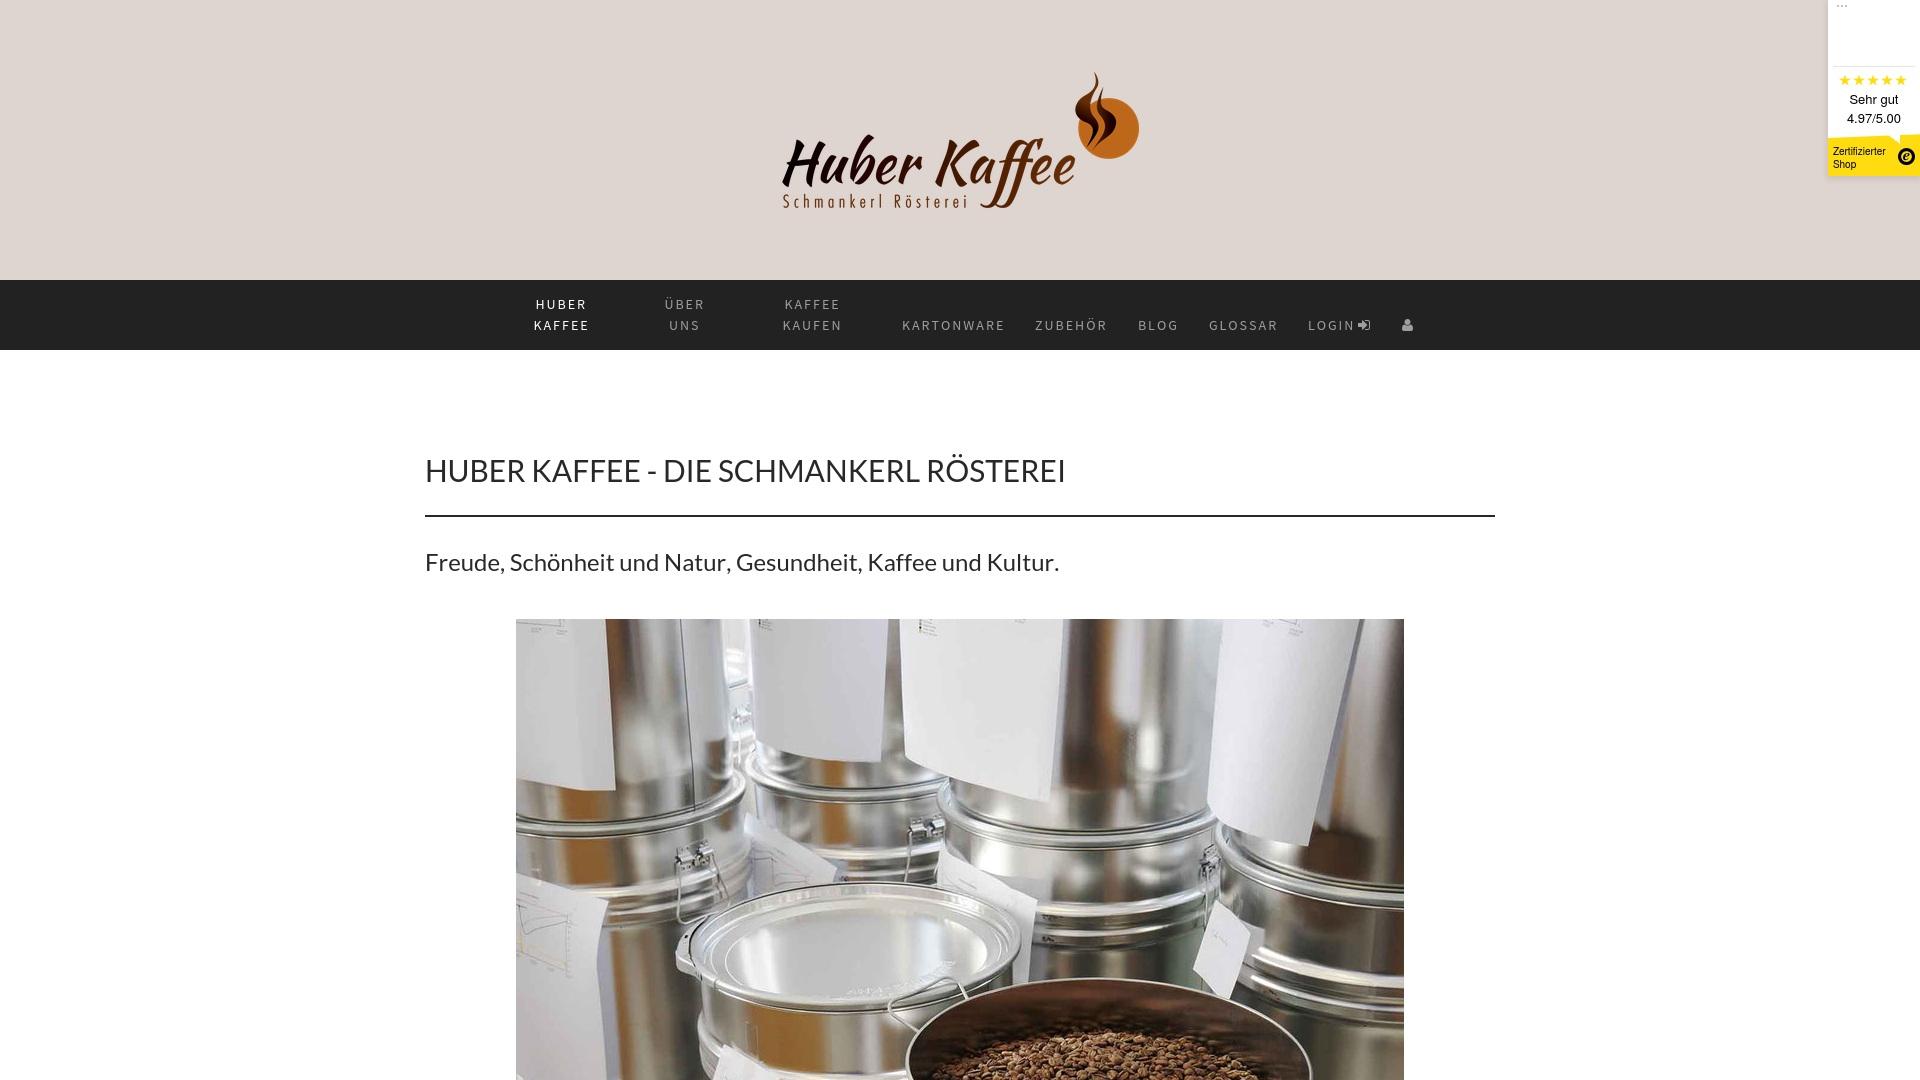 Gutschein für Huber-kaffee: Rabatte für  Huber-kaffee sichern